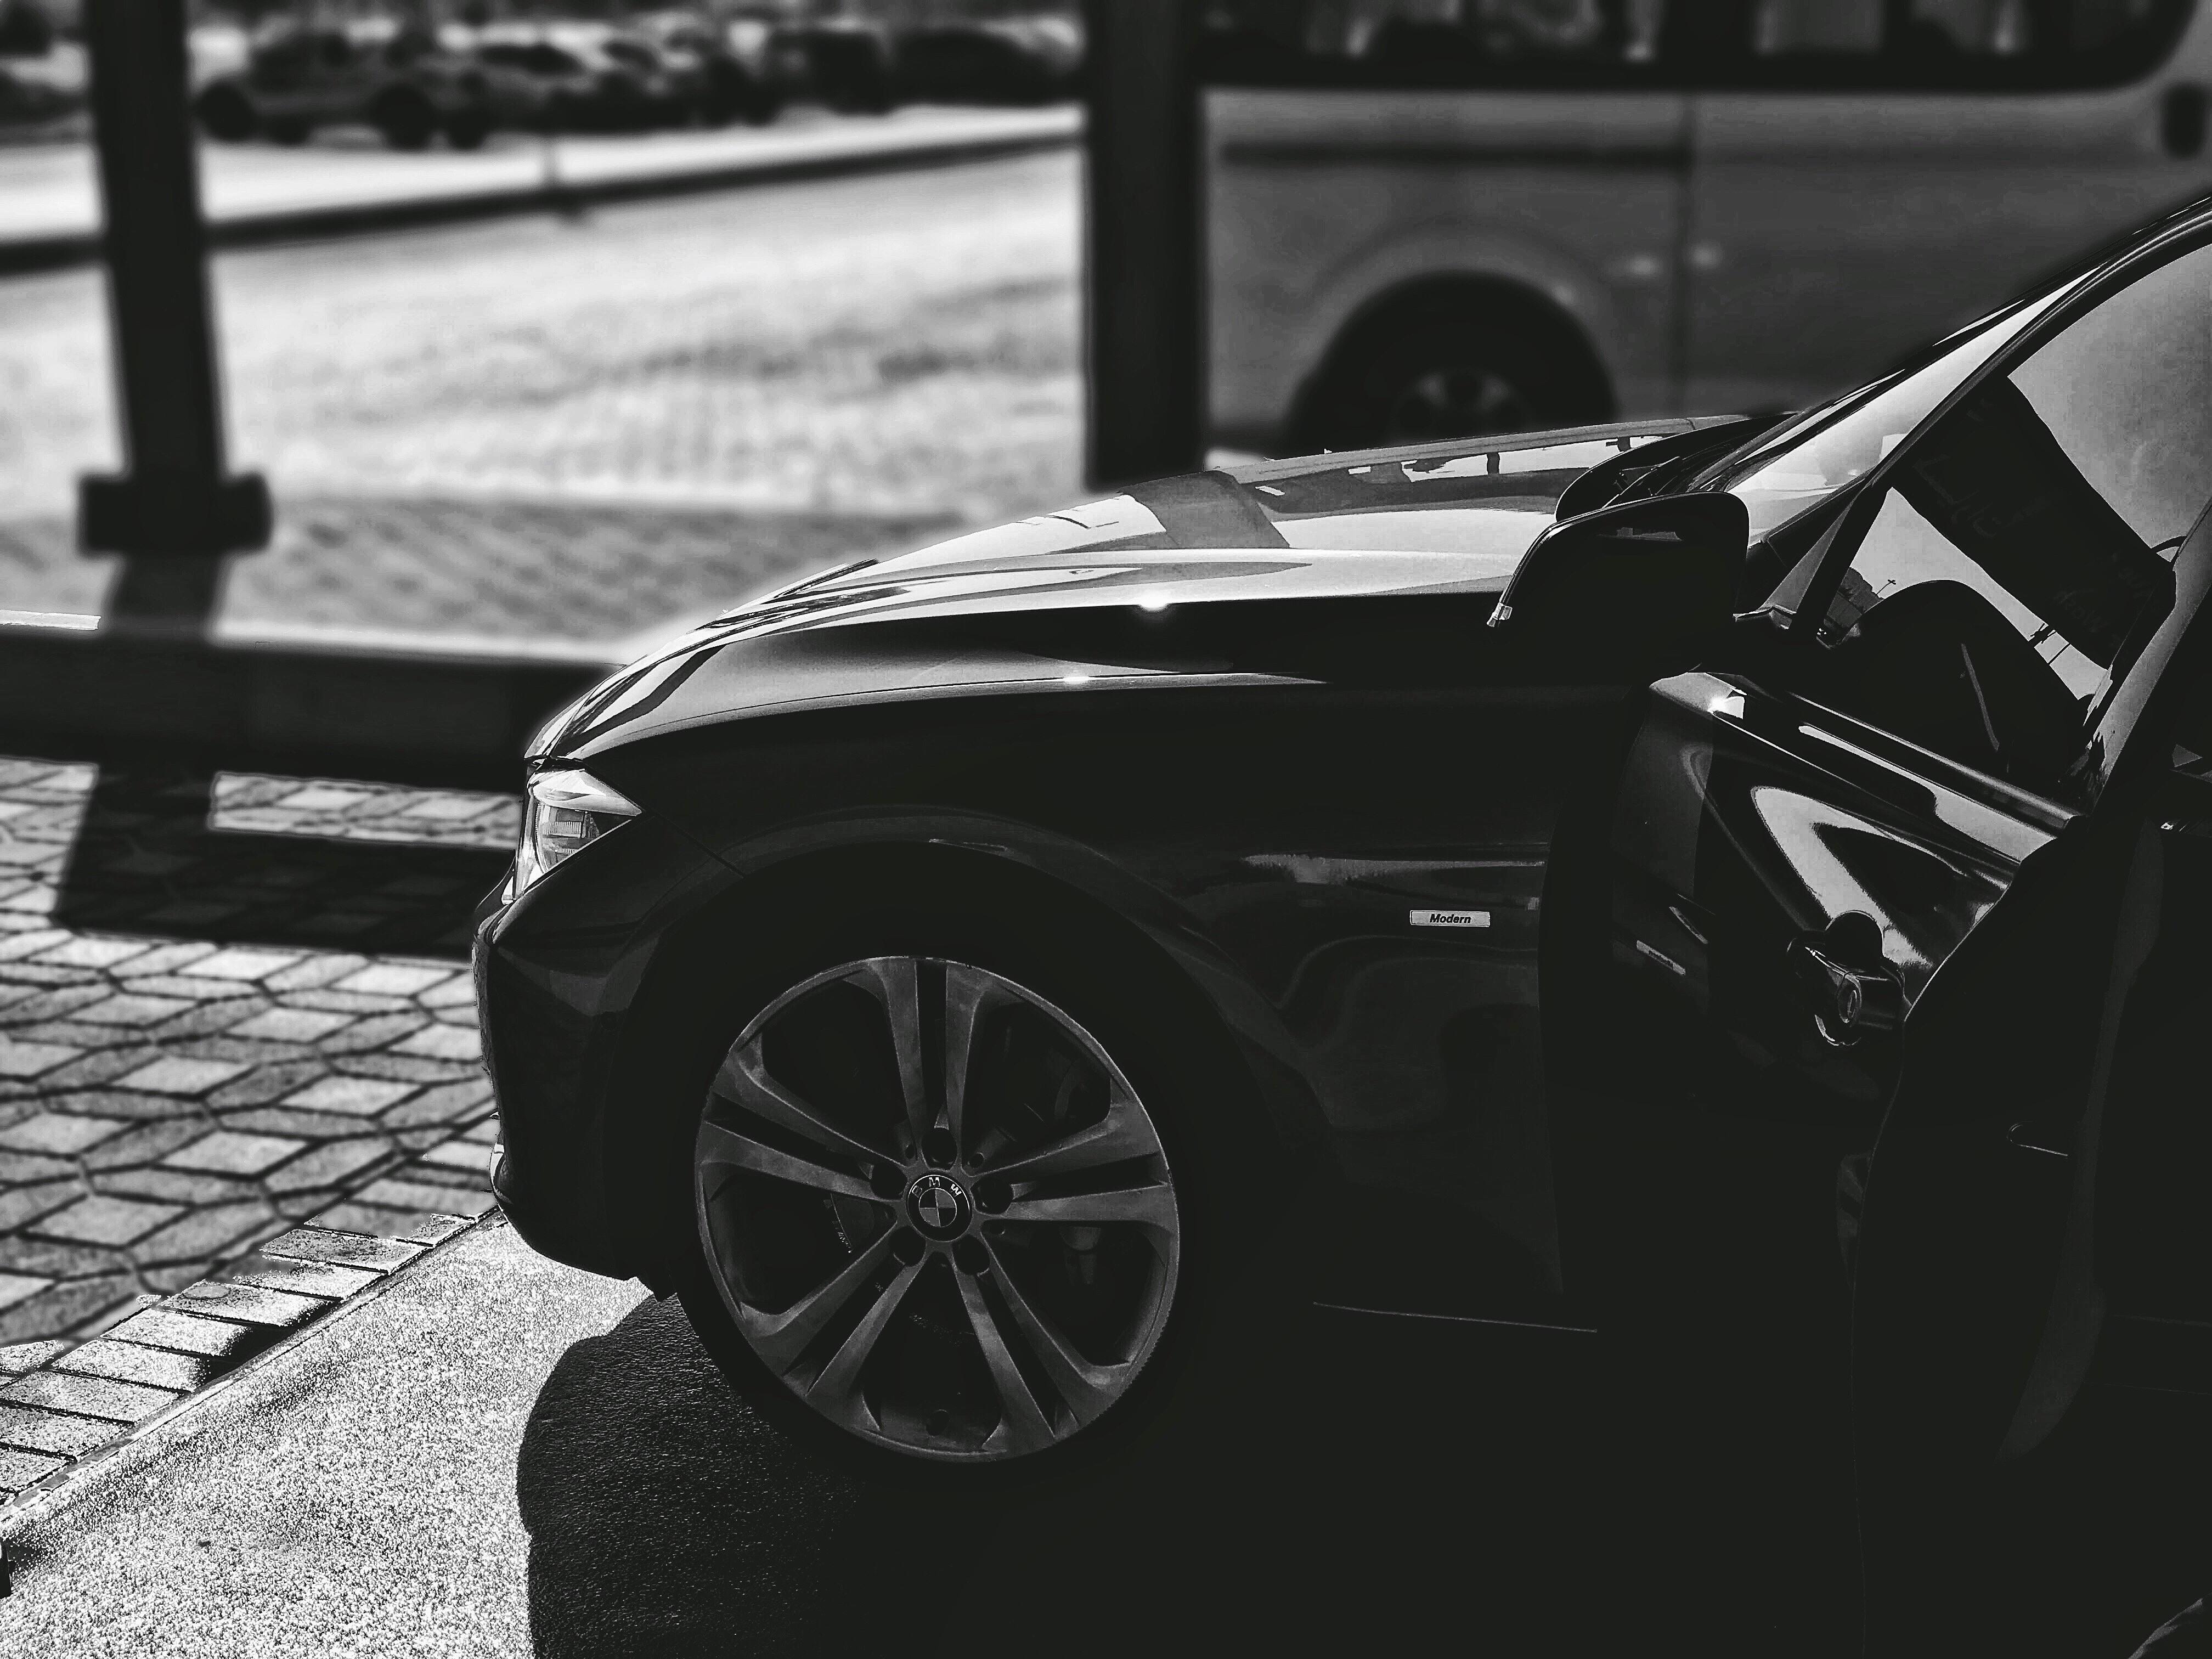 grayscale photography of vehicle hood